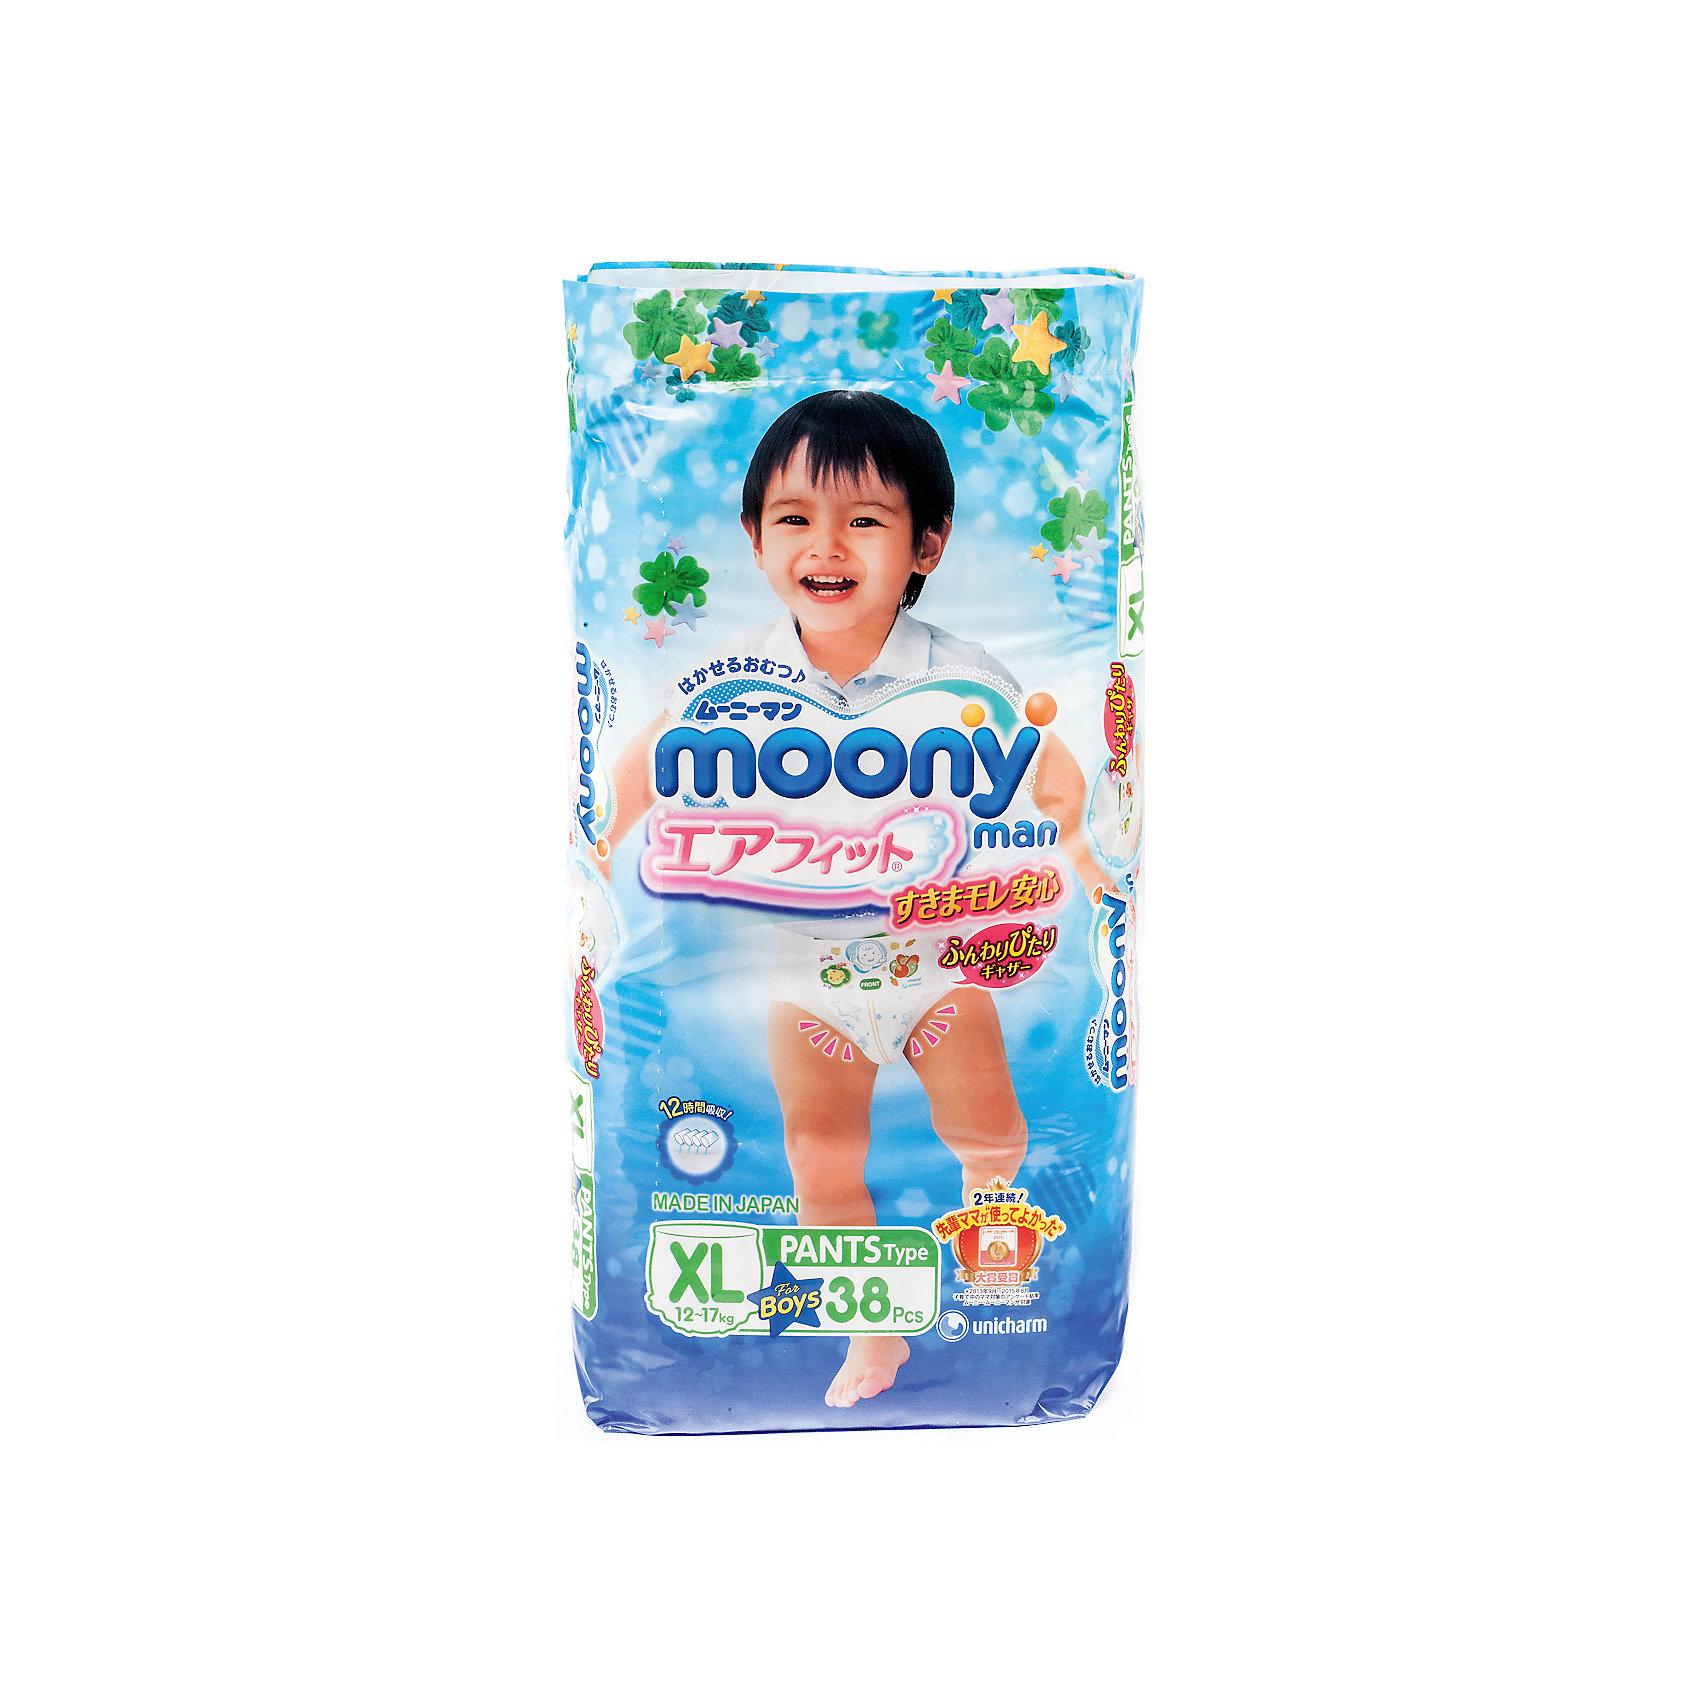 Moony Трусики-подгузники для мальчиков Moony Man, XL 12-17 кг., 38 шт moony трусики ночные для мальчиков 13 25 кг в барнауле